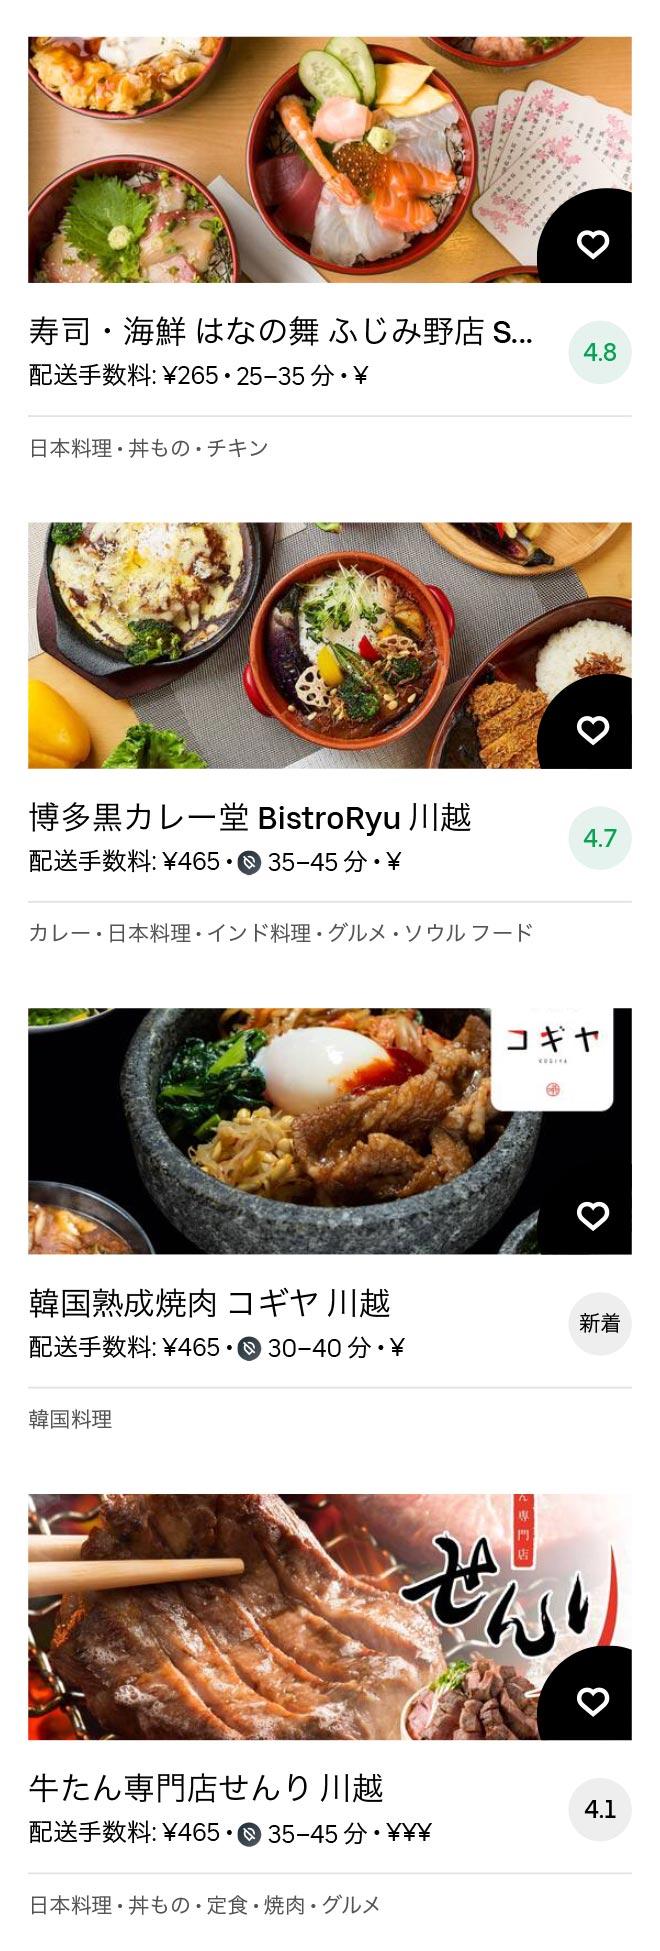 Tsuruse menu 2011 10